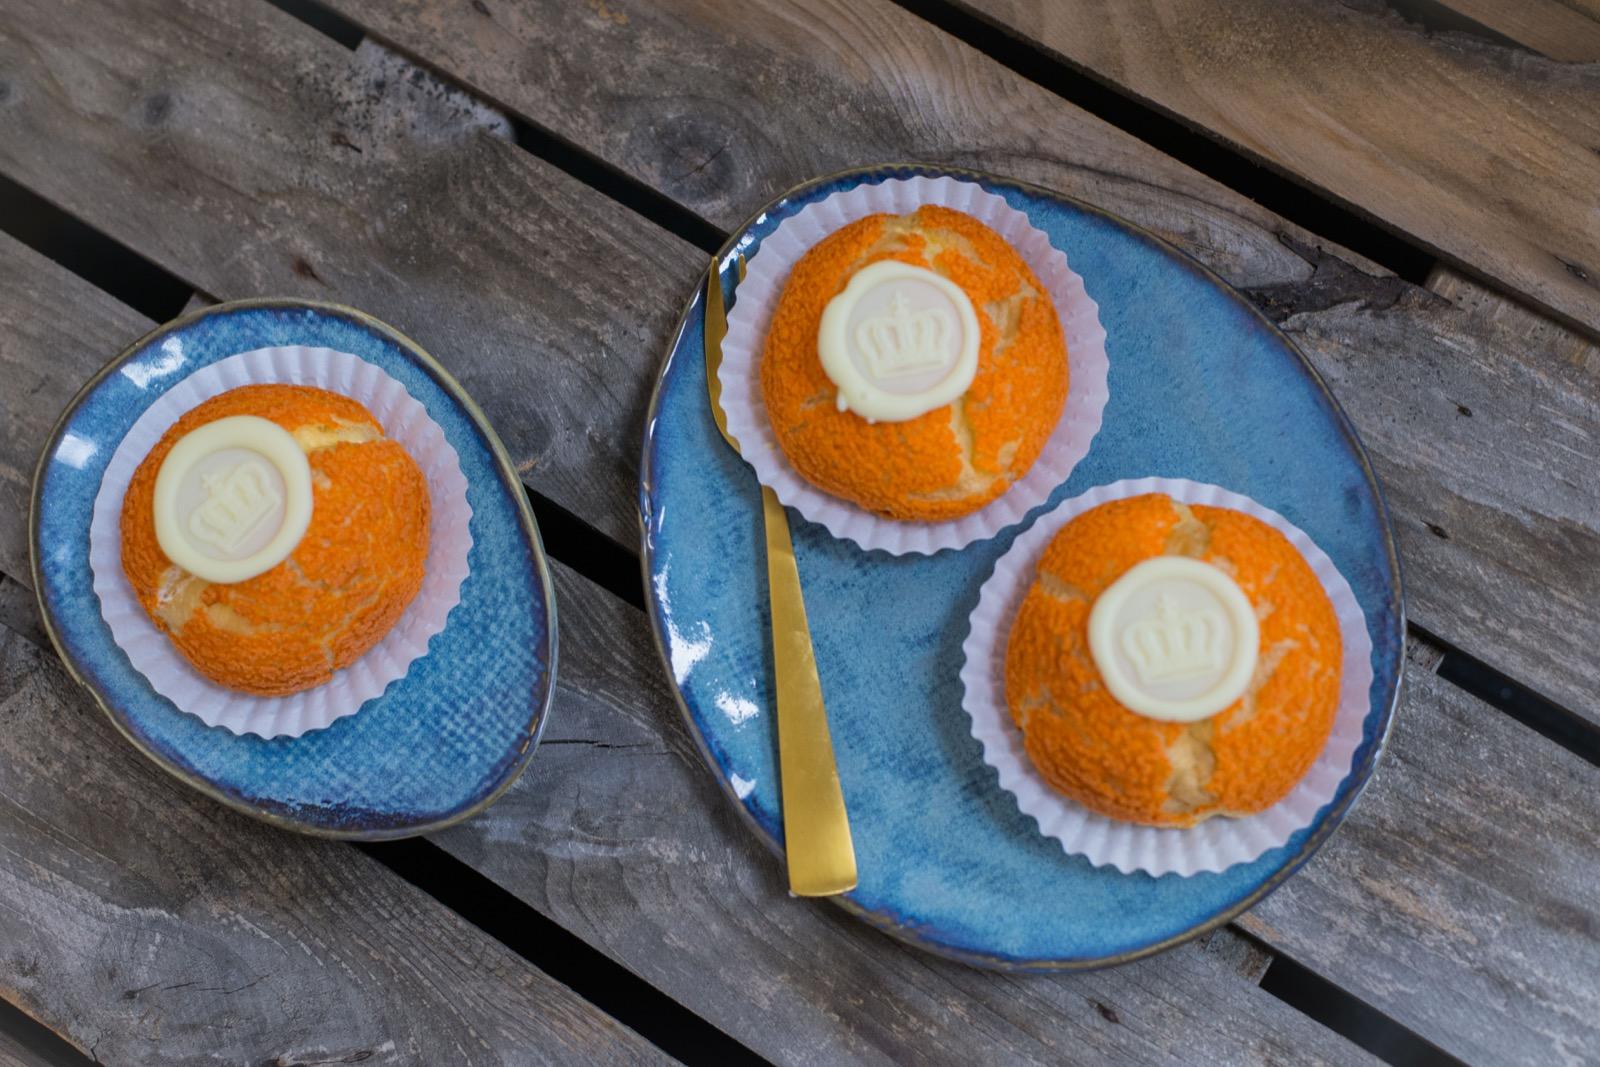 Koningsdag in coronatijd: oranje gebak